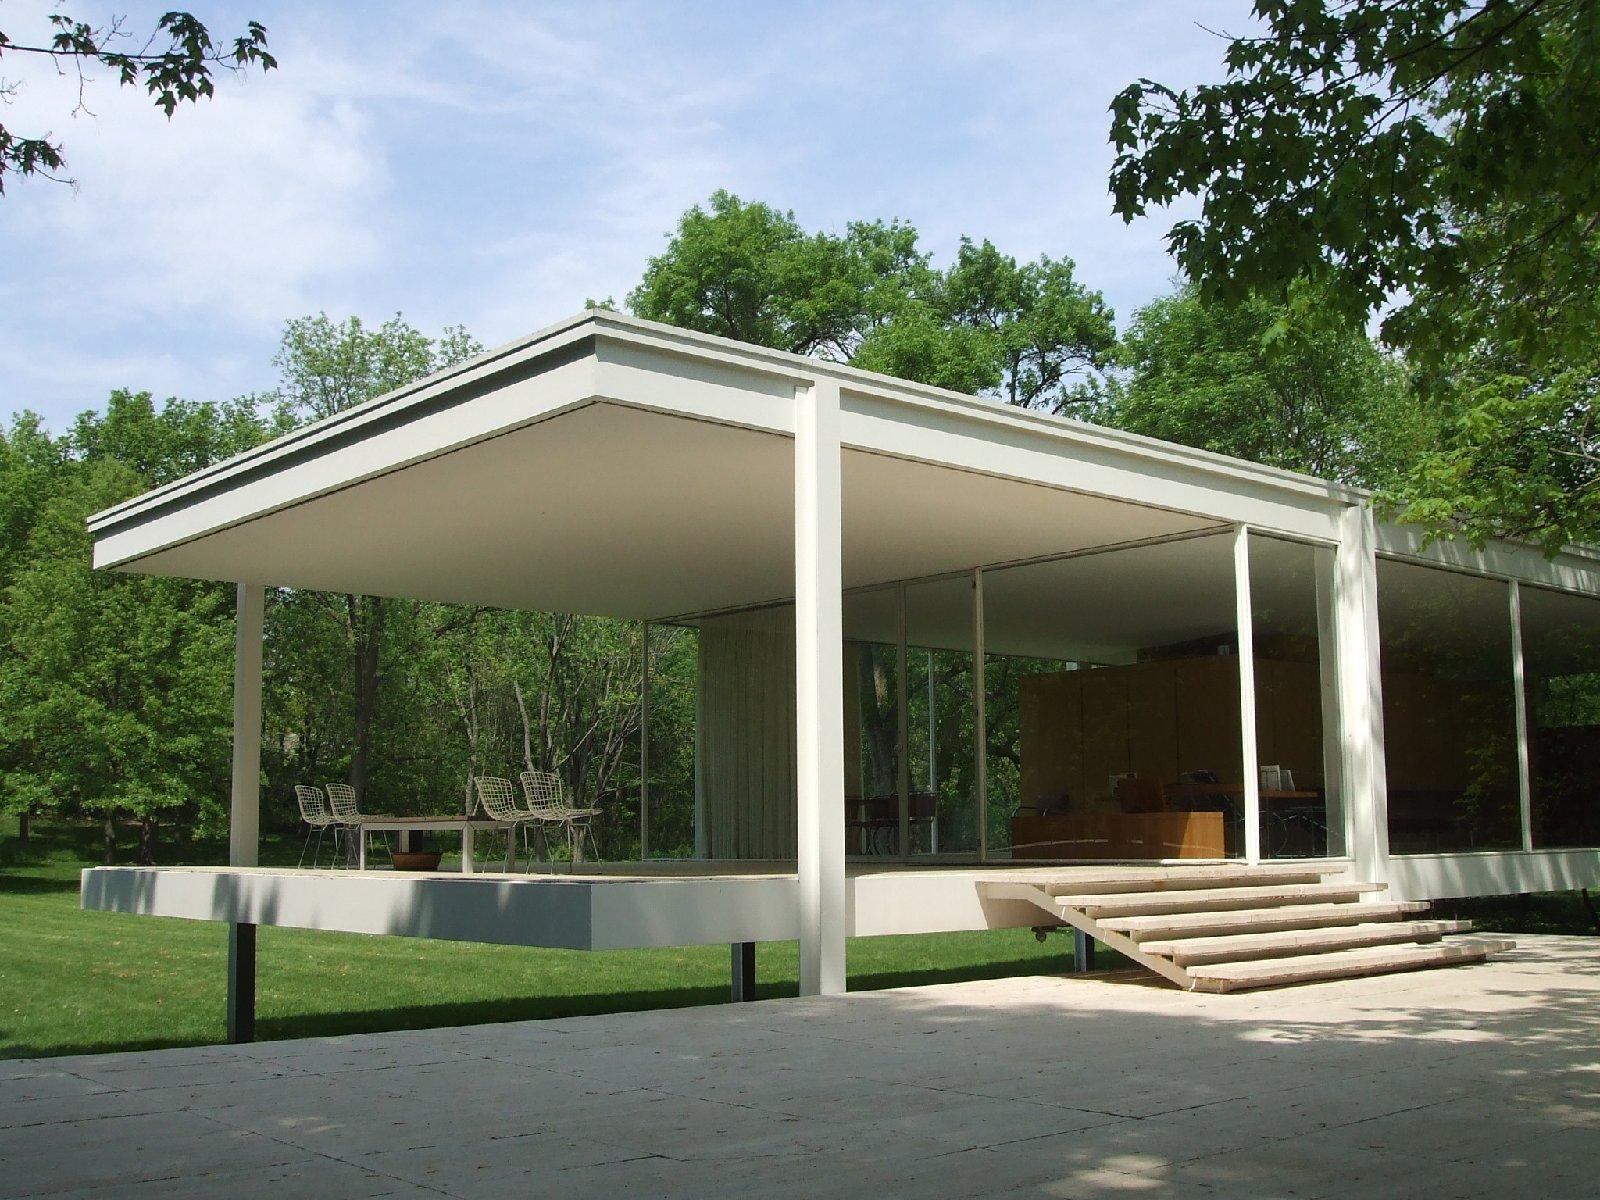 CaViCa Proyectos de Arquitectura: Casa Farnsworth